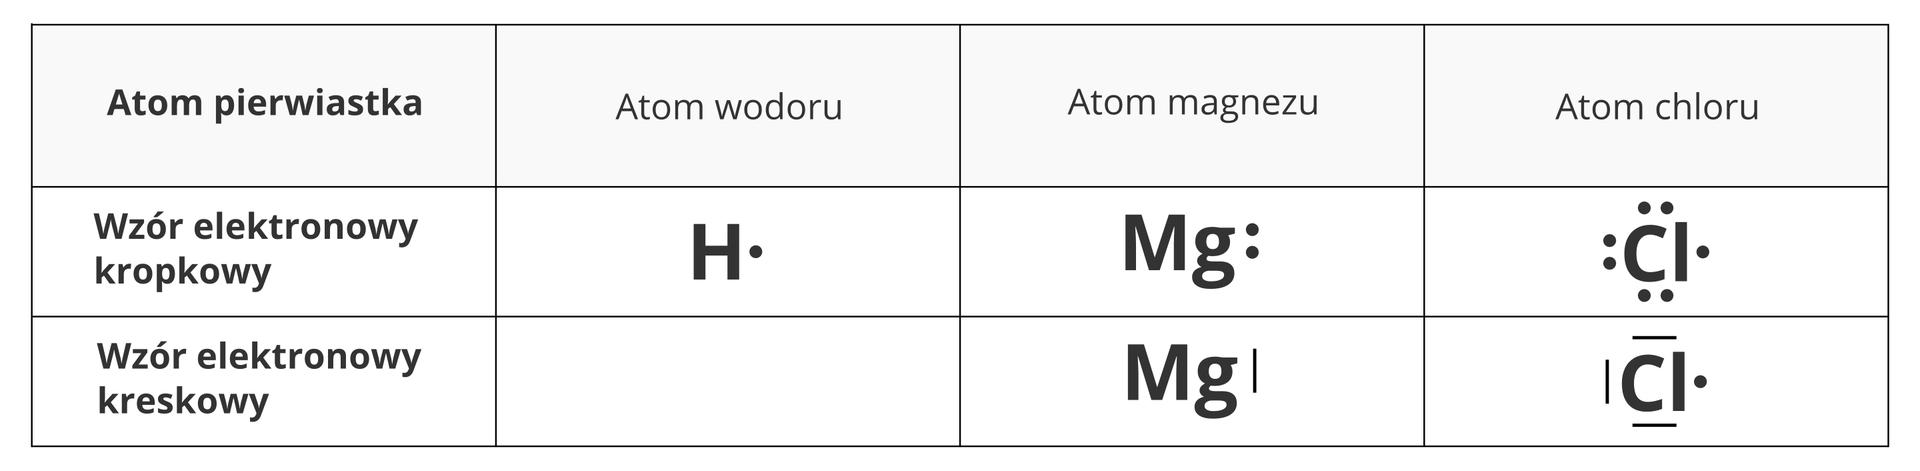 Tabela przedstawiająca dwa sposoby symbolicznego zapisu konfiguracji elektronów walencyjnych iwiązań wcząstkach iatomach: wzór kropkowy ikreskowy. Wpierwszej kolumnie tabeli licząc od lewej strony znajduje się opis poszczególnych wierszy. Licząc od góry są to nazwa atomu pierwiastka, wzór elektronowy kropkowy iwzór elektronowy kreskowy. Tablica przedstawia trzy przykładowe zapisy: dla atomów wodoru zjednym elektronem walencyjnym, magnezu zdwoma elektronami walencyjnymi ichloru zsiedmioma elektronami walencyjnymi. Atom wodoru opisany jest tylko wpostaci wzoru kropkowego zuwagi na brak pary elektronowej. Ma on postać litery Hzkropką po prawej stronie. Magnez może mieć po prawej stronie dwie kropki lub zamiast nich pionową kreskę. Chlor, którego liczba elektronów jest nieparzysta, może być albo otoczony przez kropki - po dwie zkażdej strony za wyjątkiem prawej, gdzie jest tylko jedna kropka - albo przez kreski ztrzech stron ikropkę po prawej.